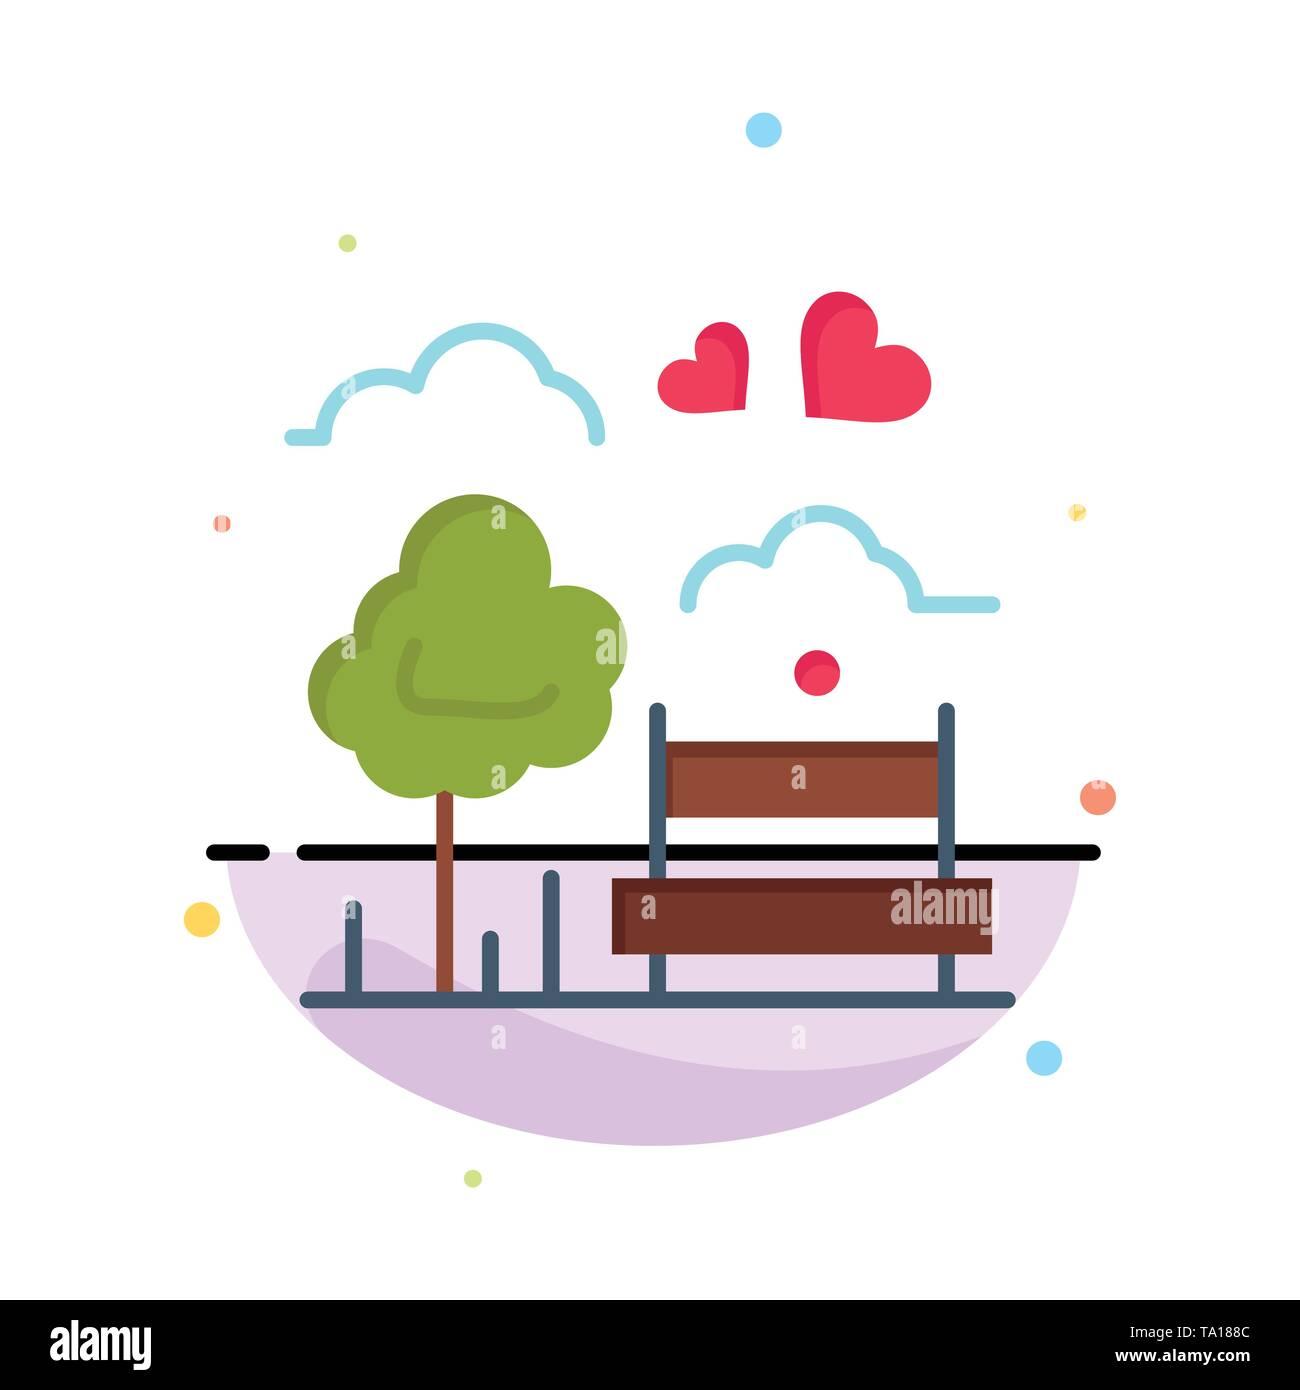 Park, Baum, Bank, Liebe, einen abstrakten flachen Farbe Symbol Vorlage Stockbild